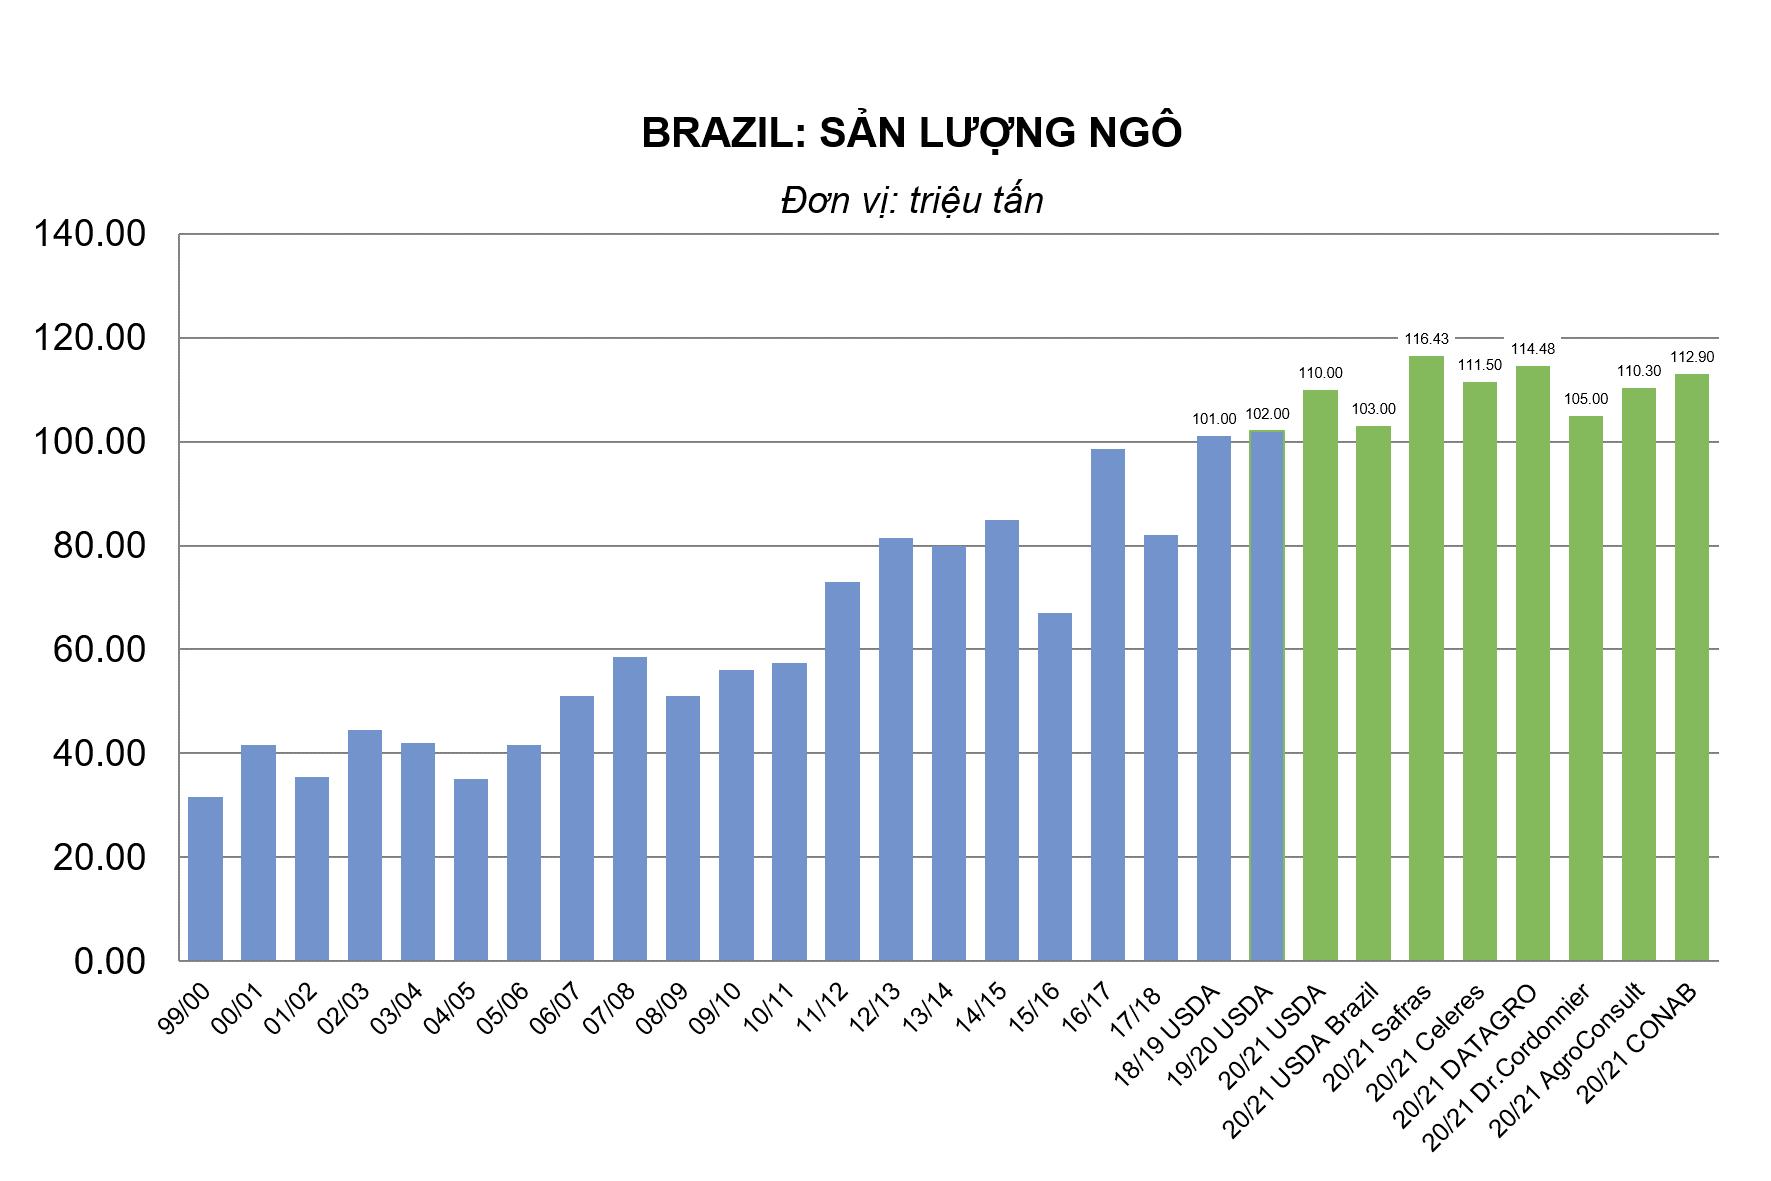 Brazil: Sản lượng ngô tại bang phía nam ảnh hưởng bởi thời tiết khô hạn